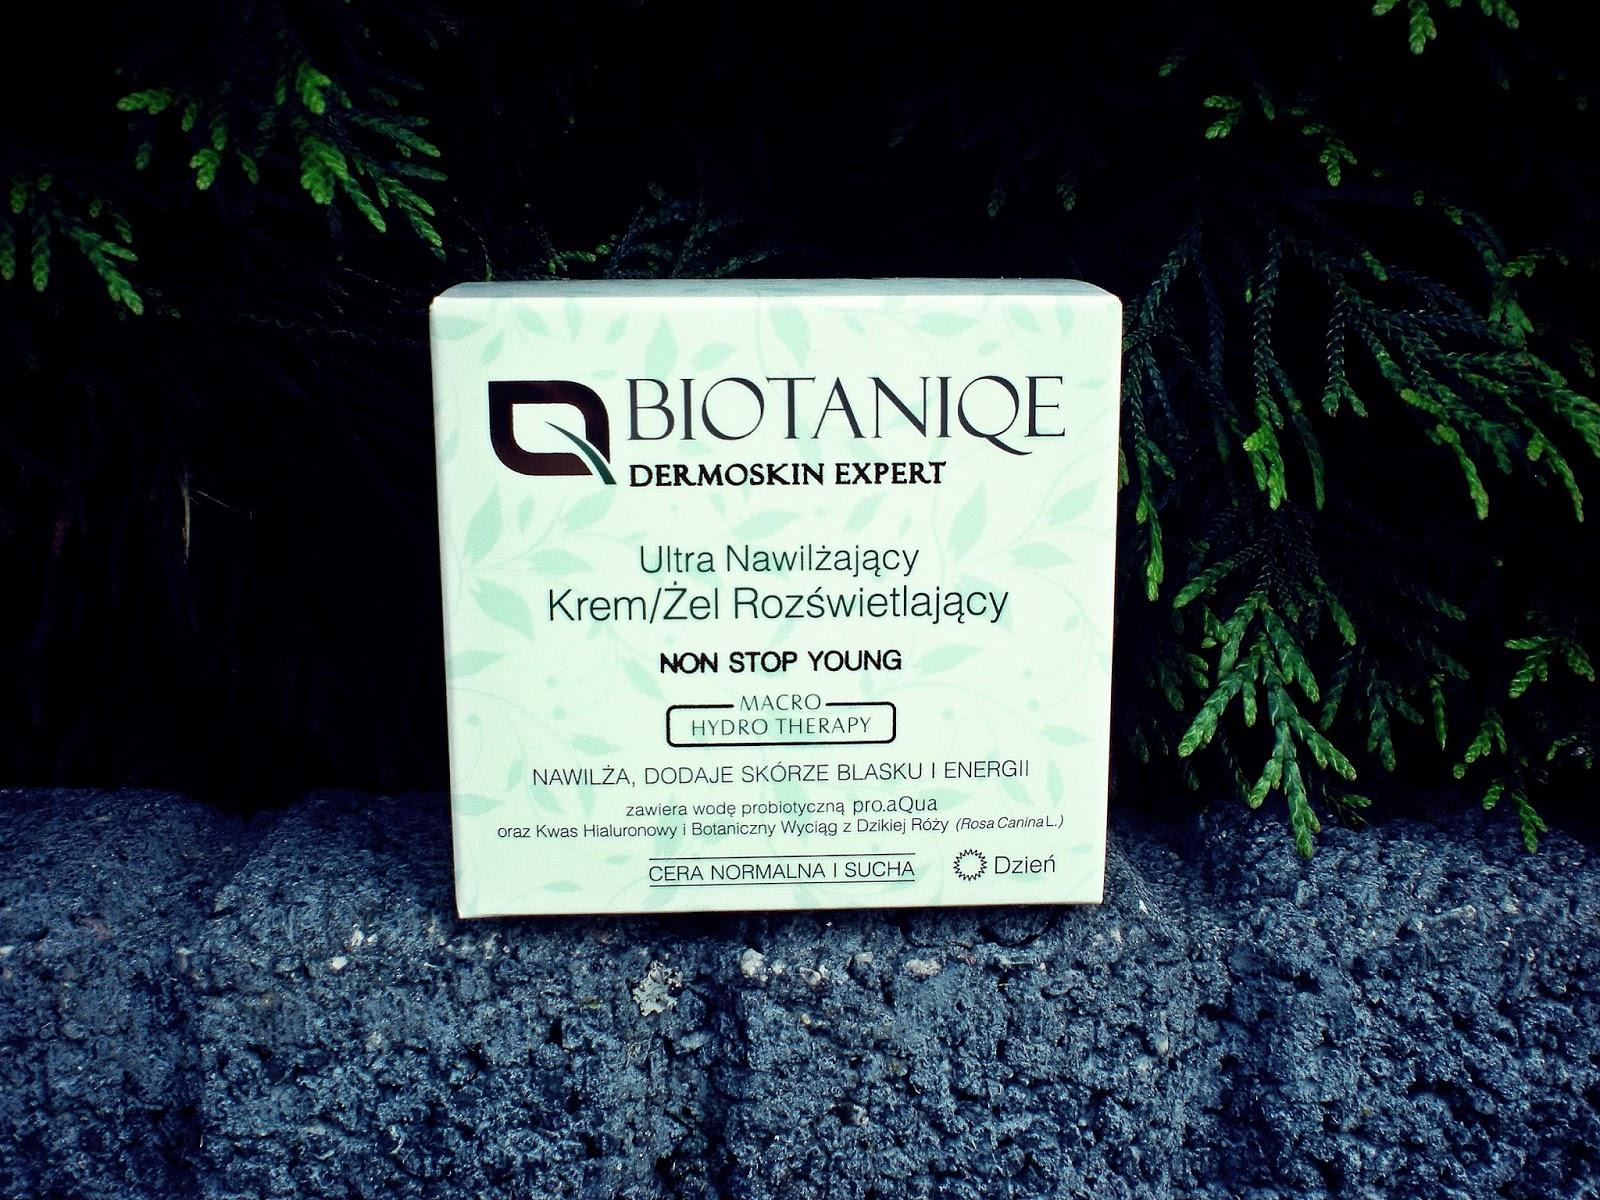 Ultra Nawilżający Krem/Żel Rozświetlający Biotaniqe